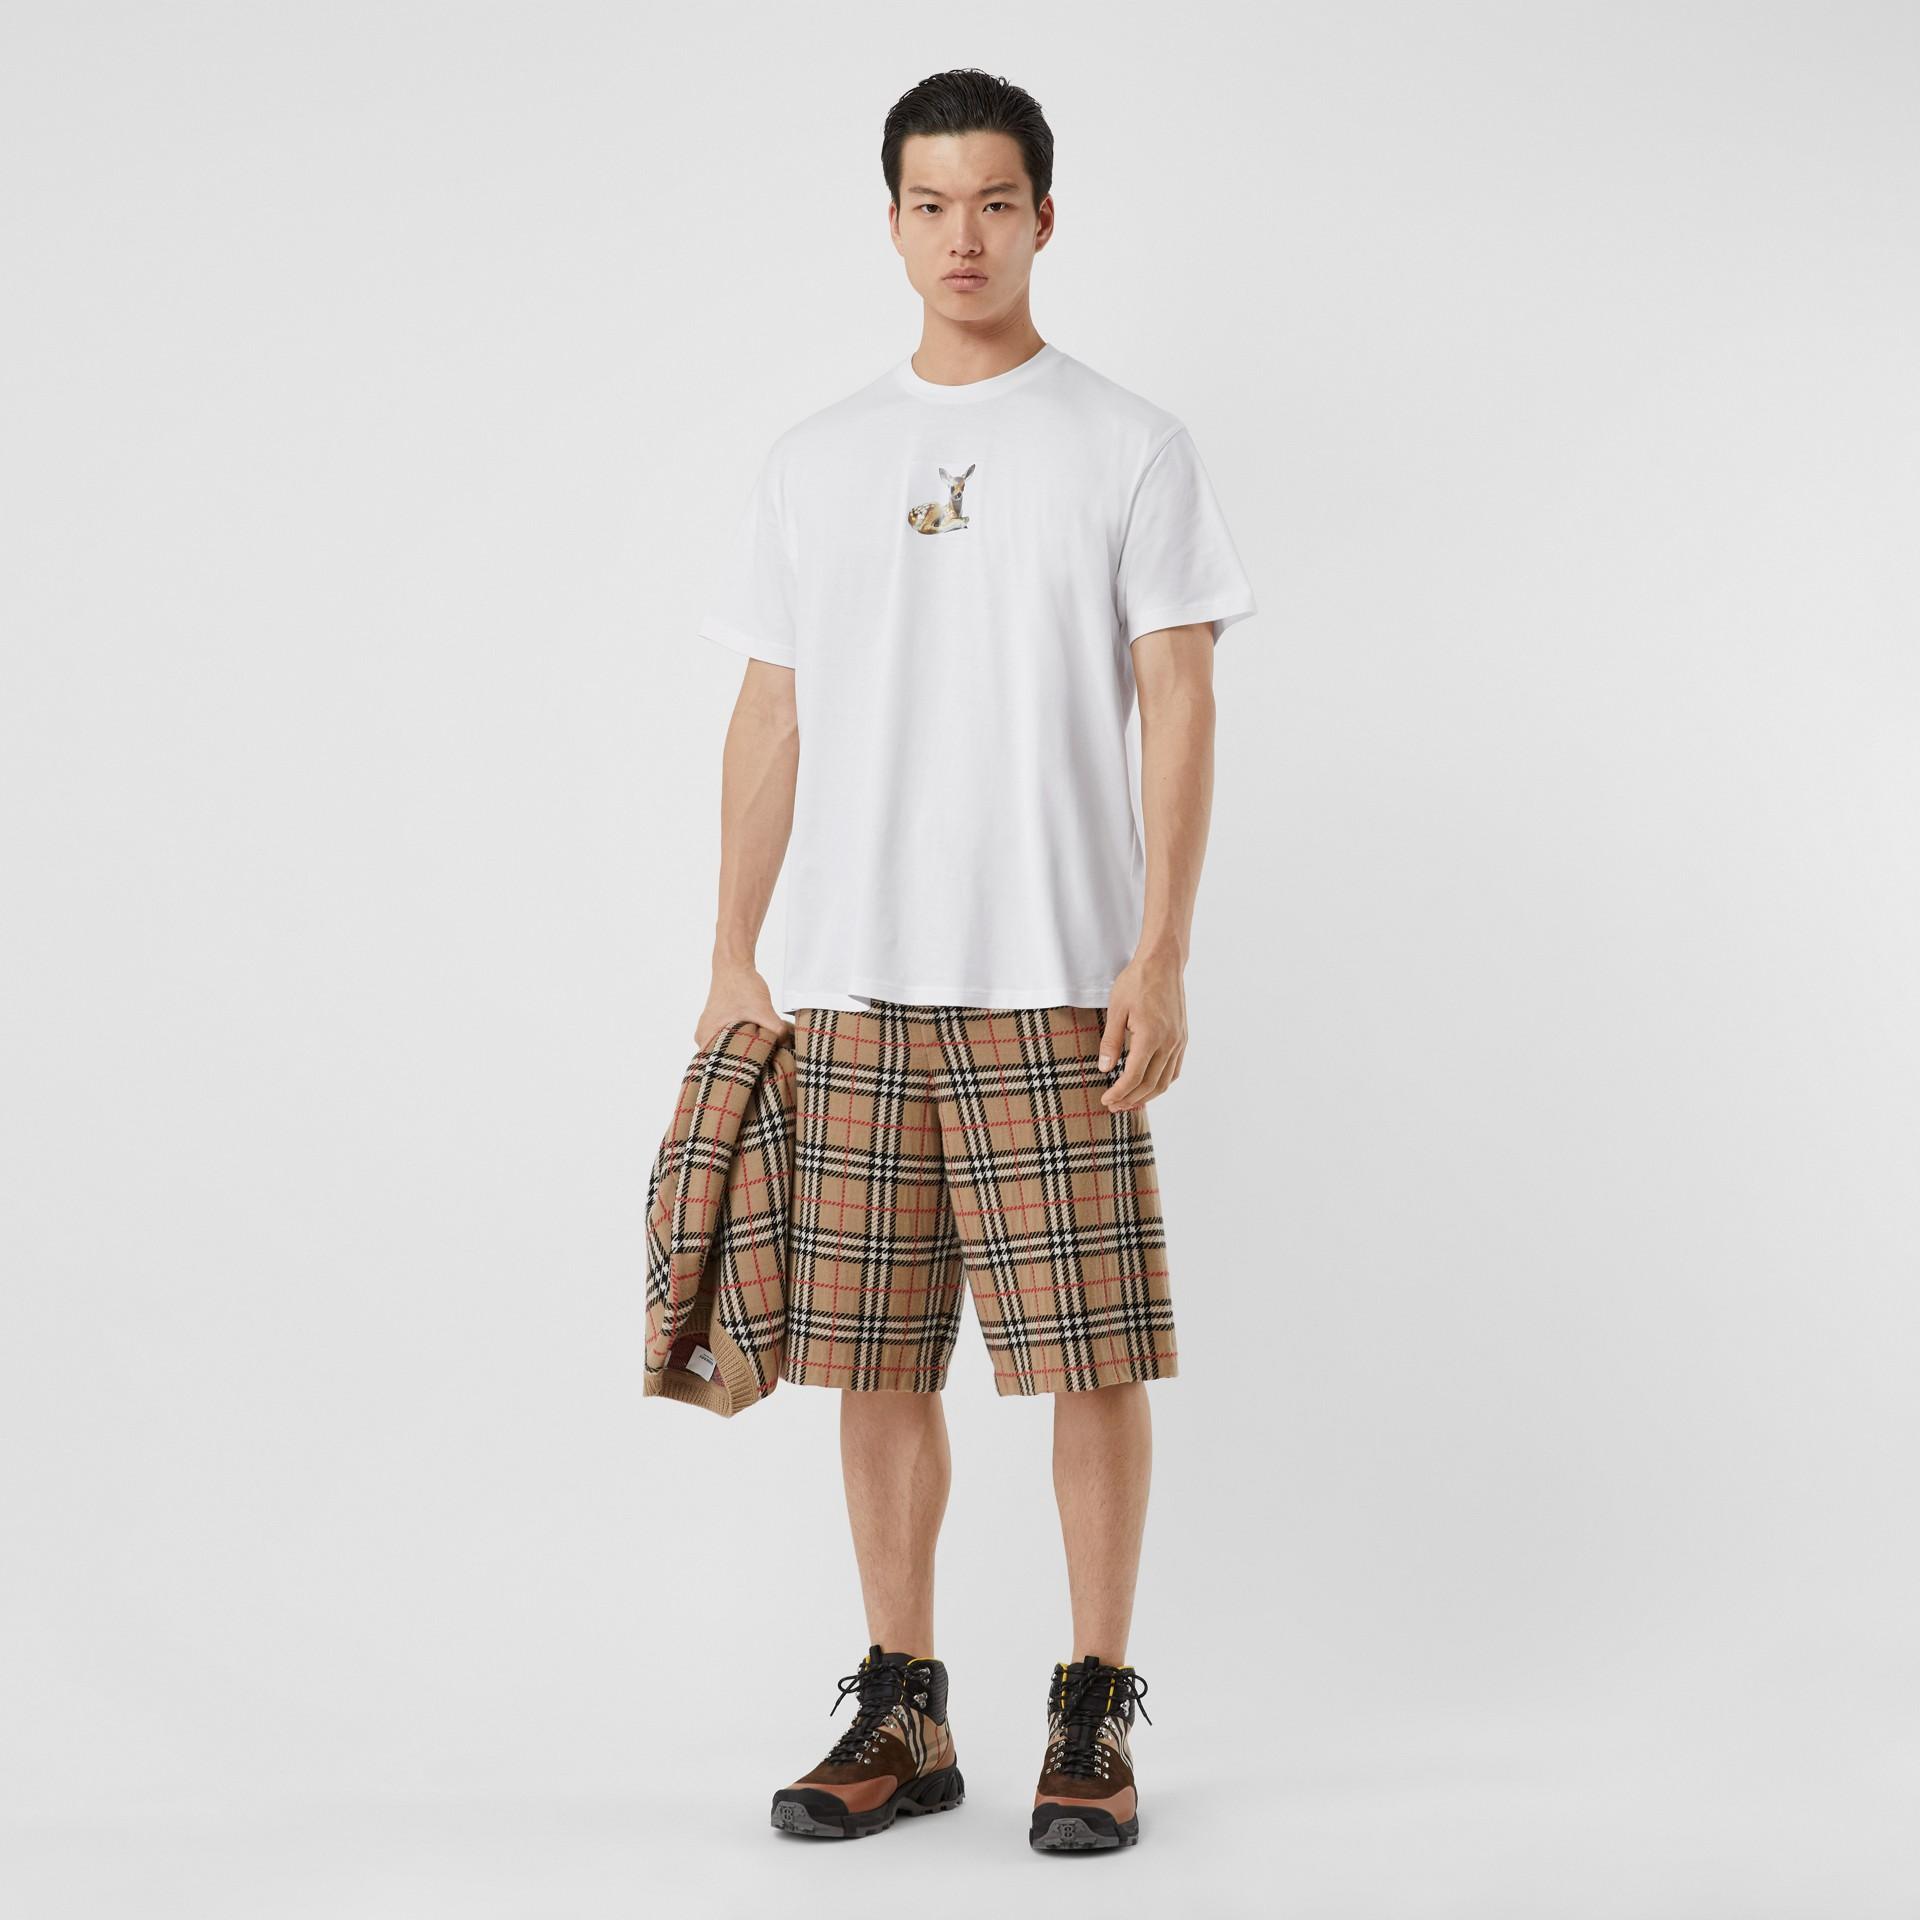 ディアプリント コットン オーバーサイズTシャツ (ホワイト) - メンズ | バーバリー - ギャラリーイメージ 5